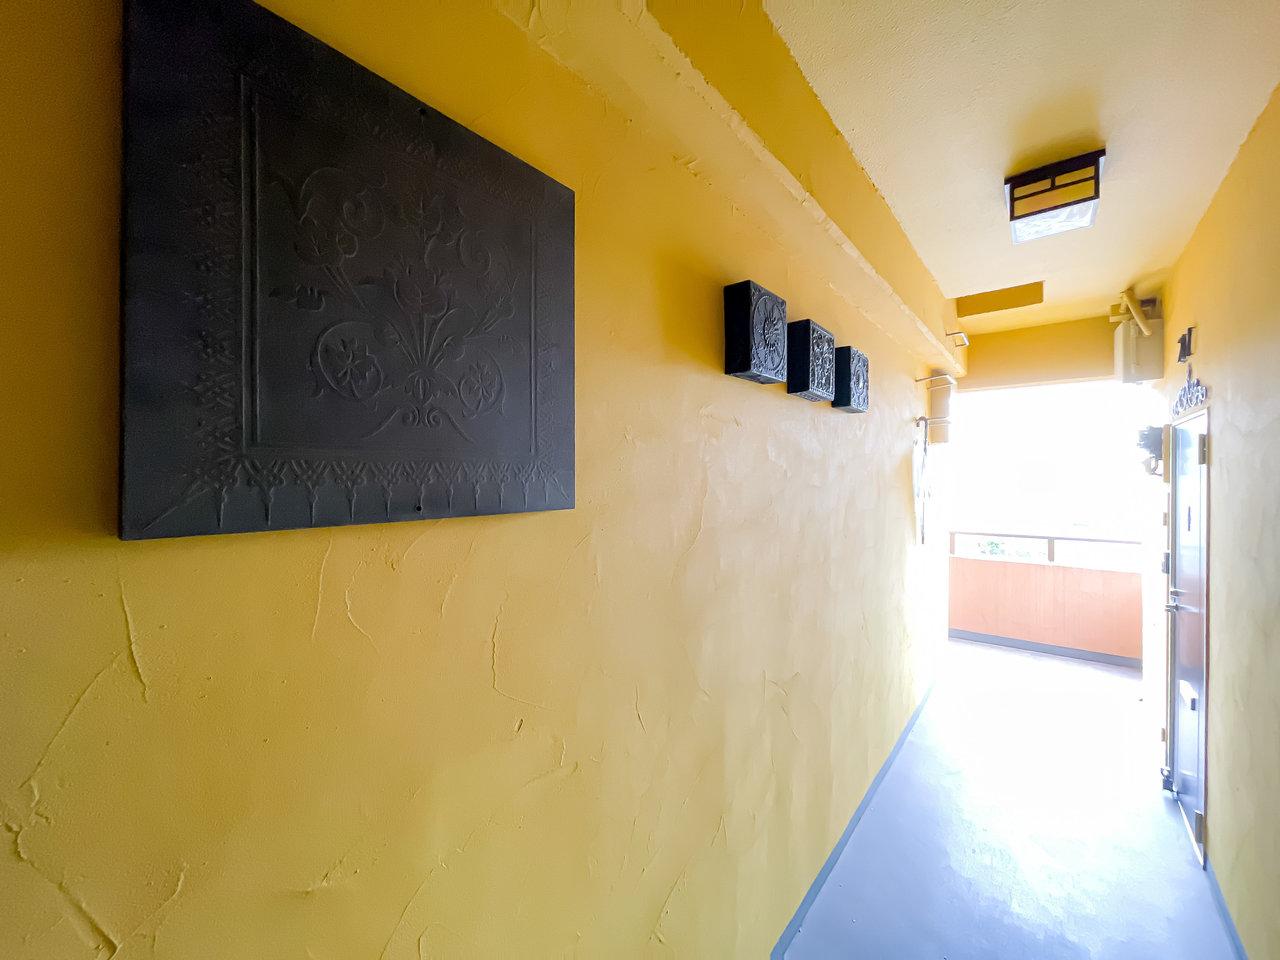 共用部分の壁は、元気の出る黄色で塗られています。気分明るく出かけられそう。